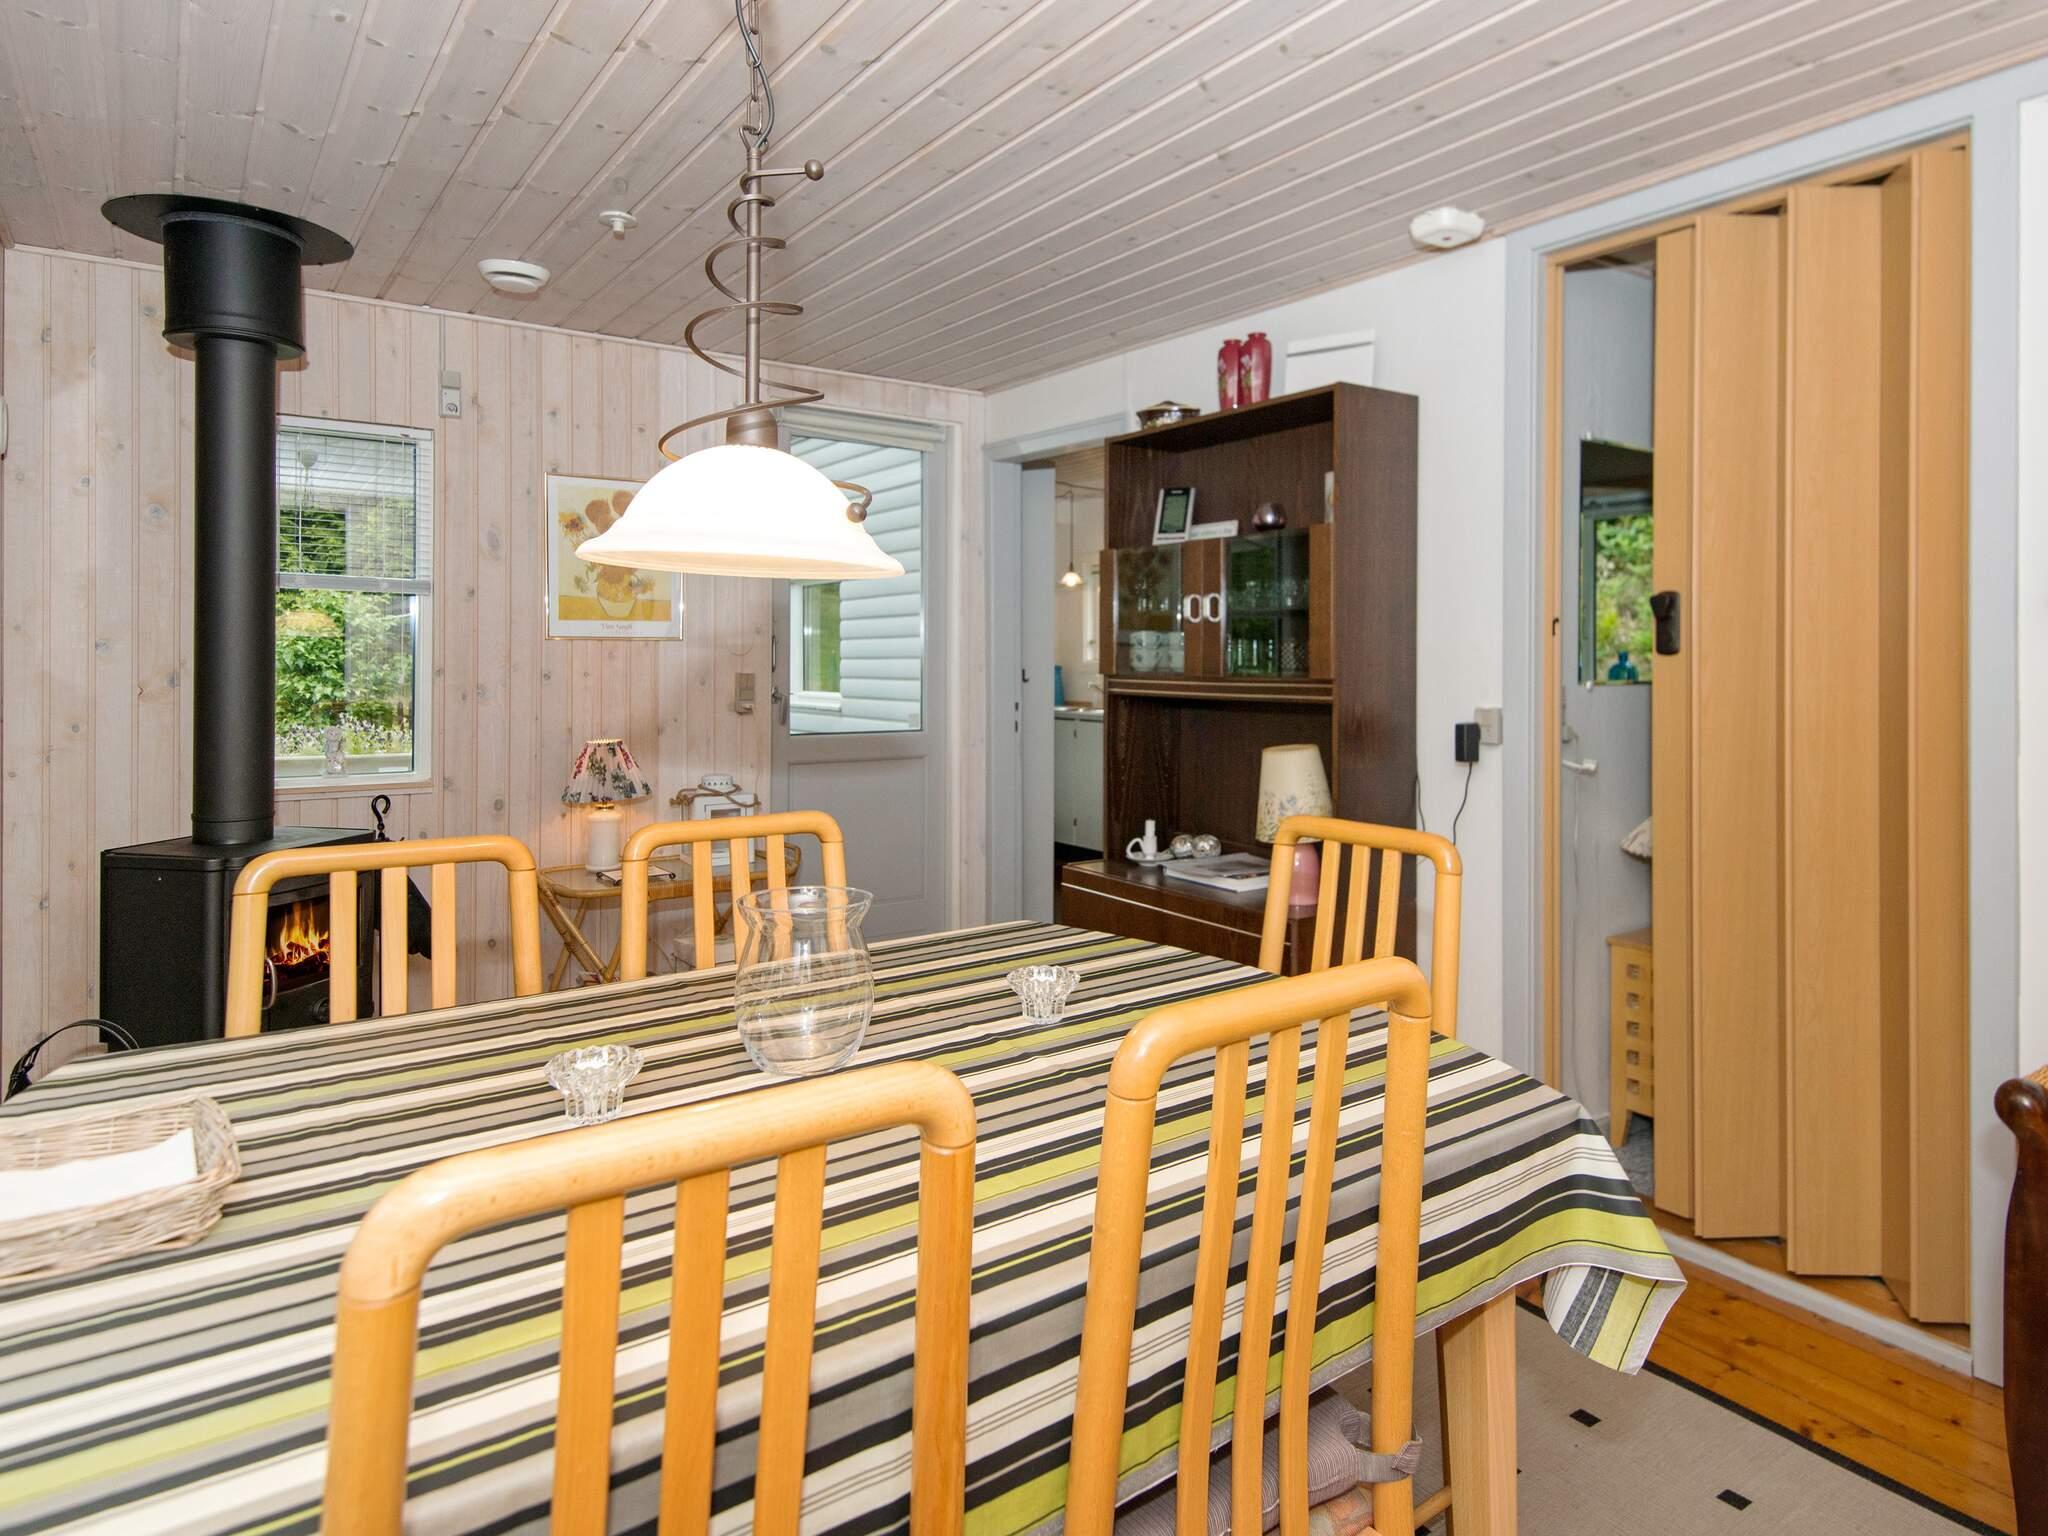 Ferienhaus Silkeborg (2355202), Silkeborg, , Ostjütland, Dänemark, Bild 7